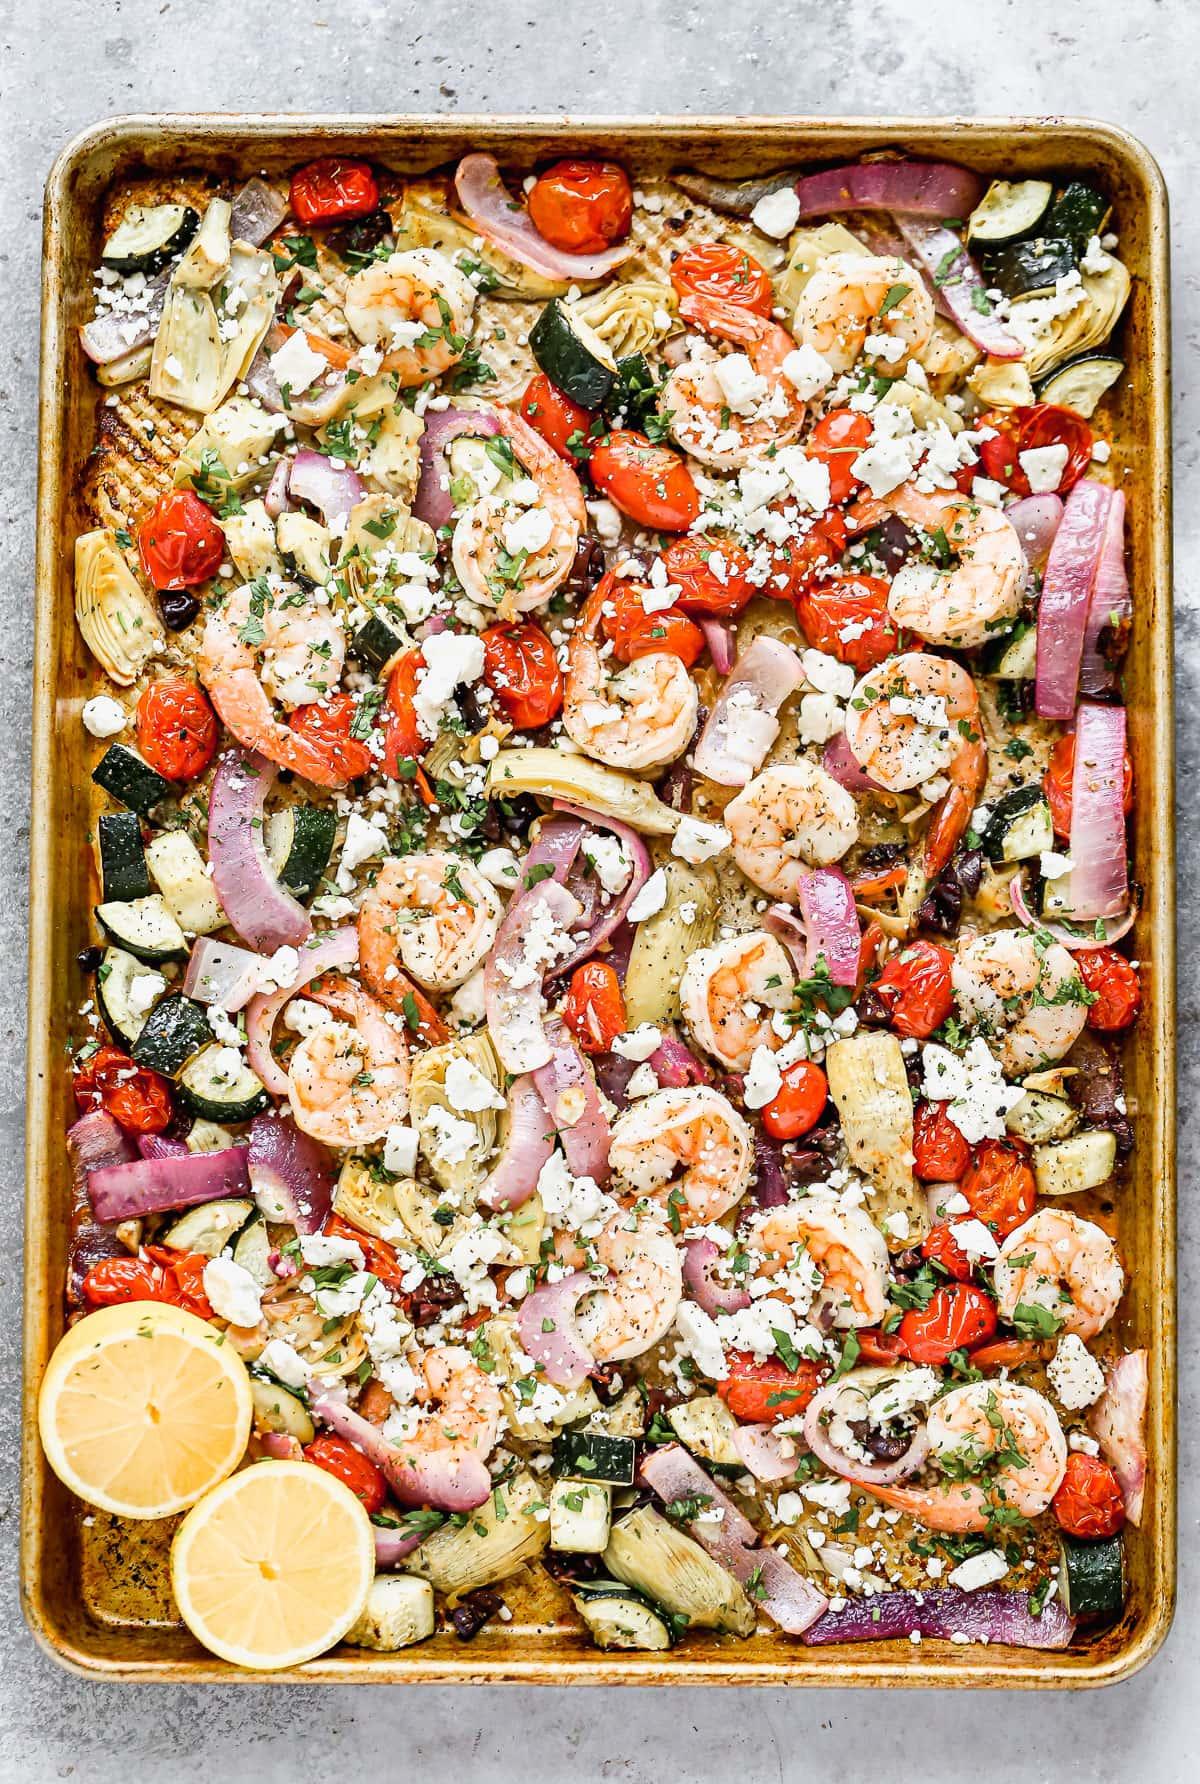 Camarones, verduras y queso en una bandeja para hornear.